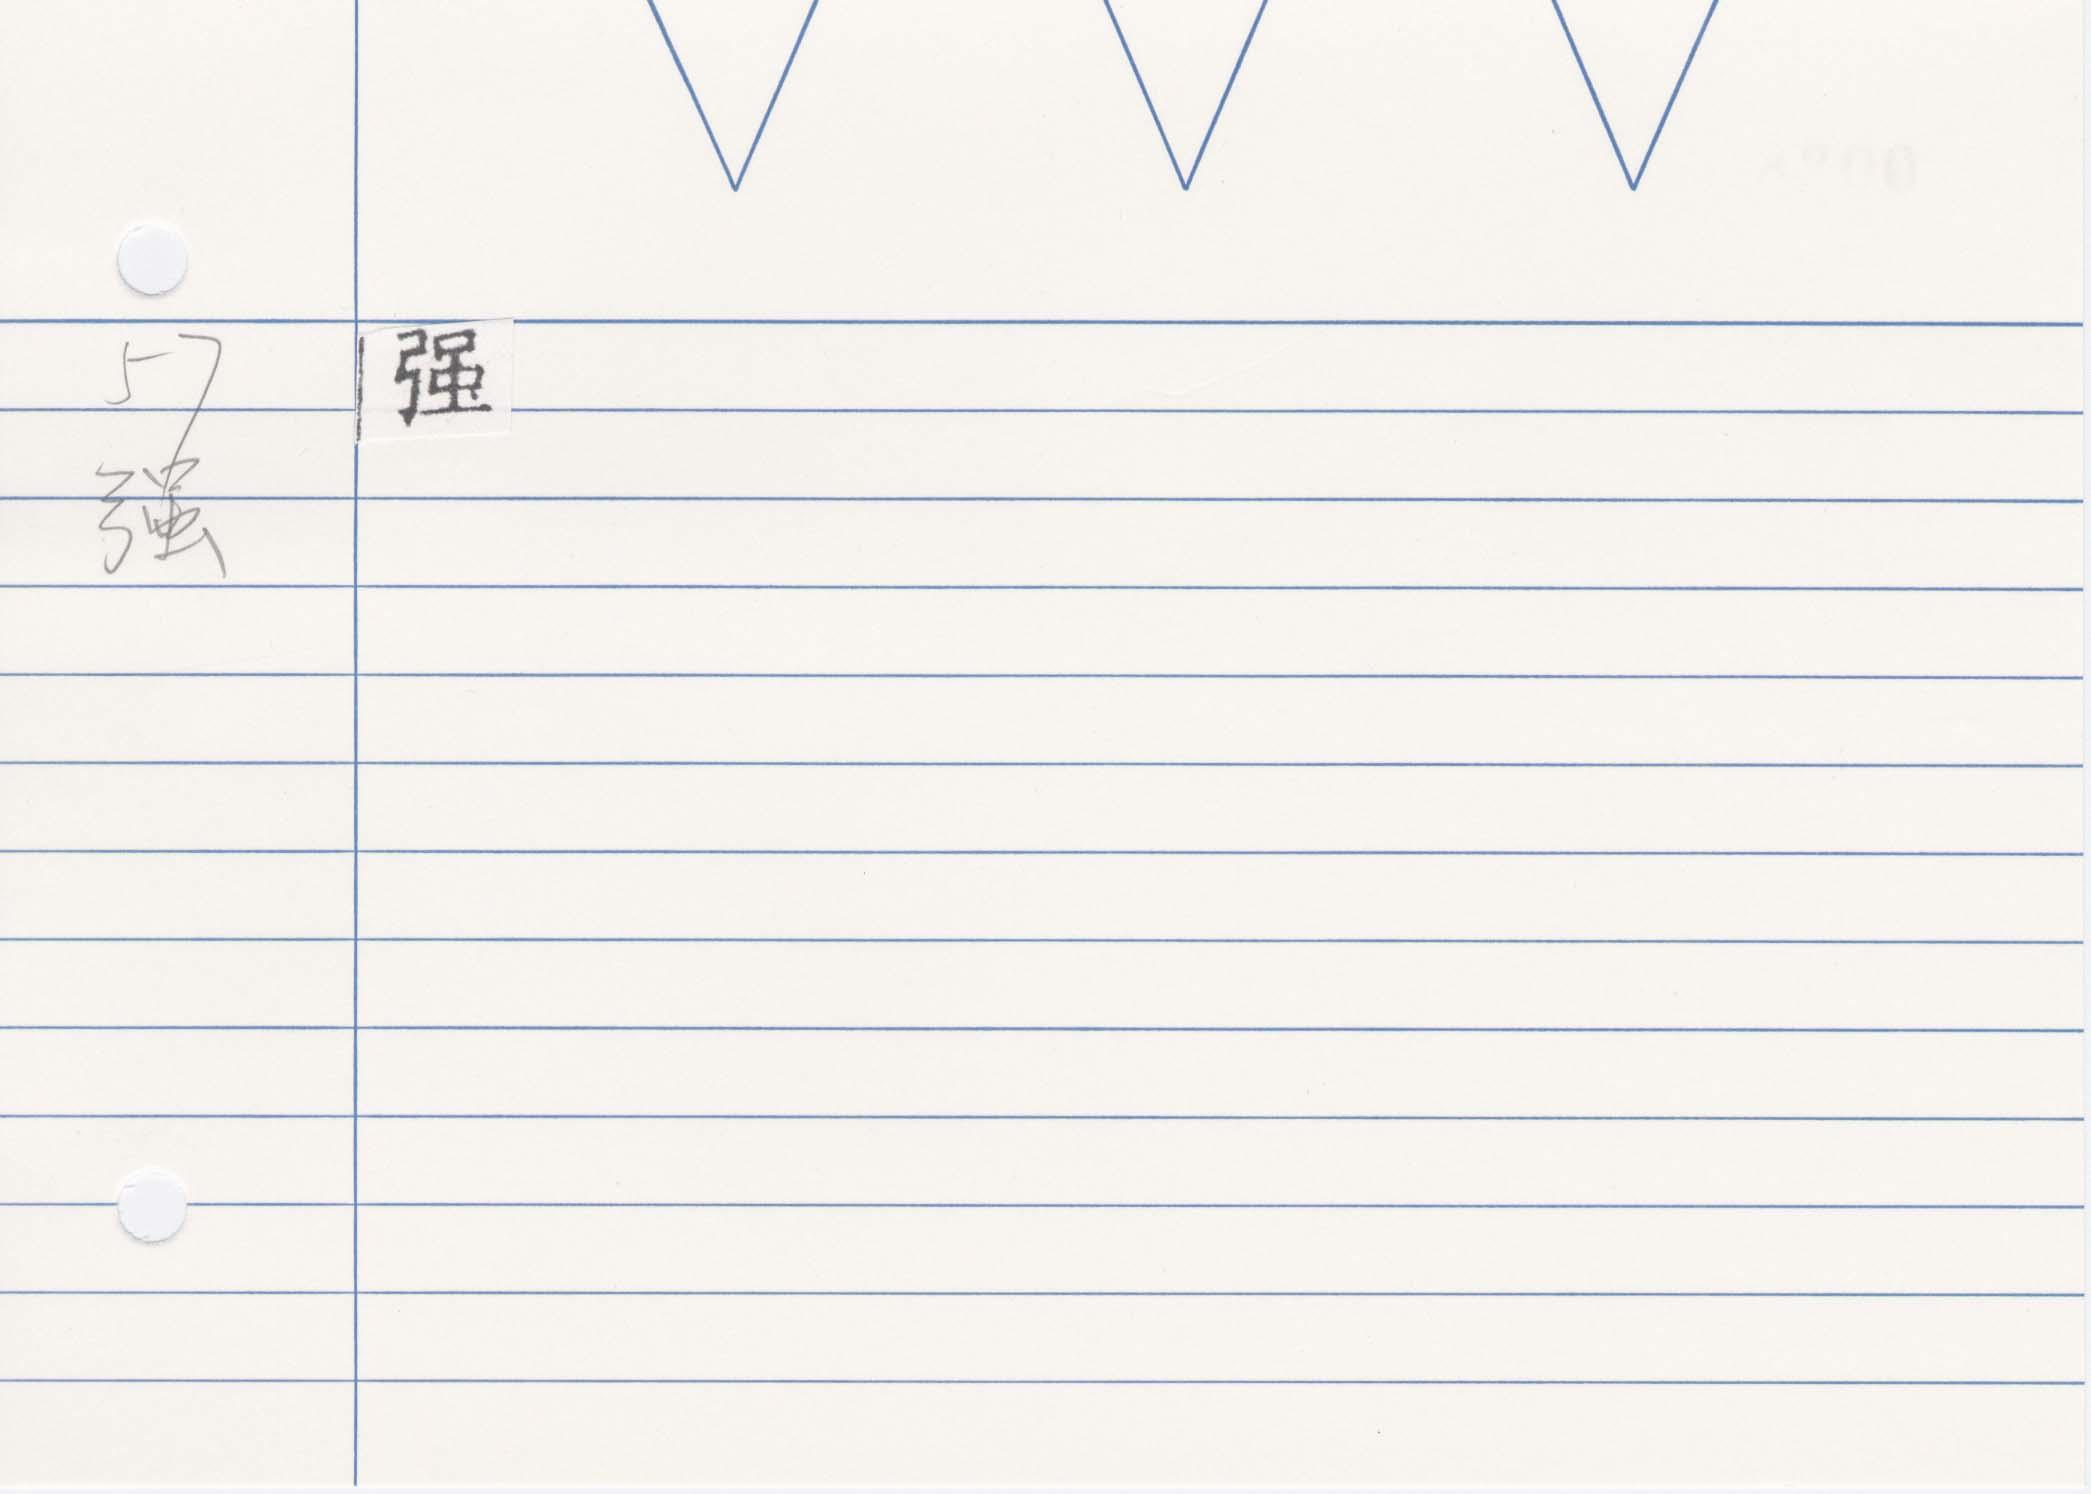 26_齊民要術卷五(高山寺本)/cards/0088.jpg